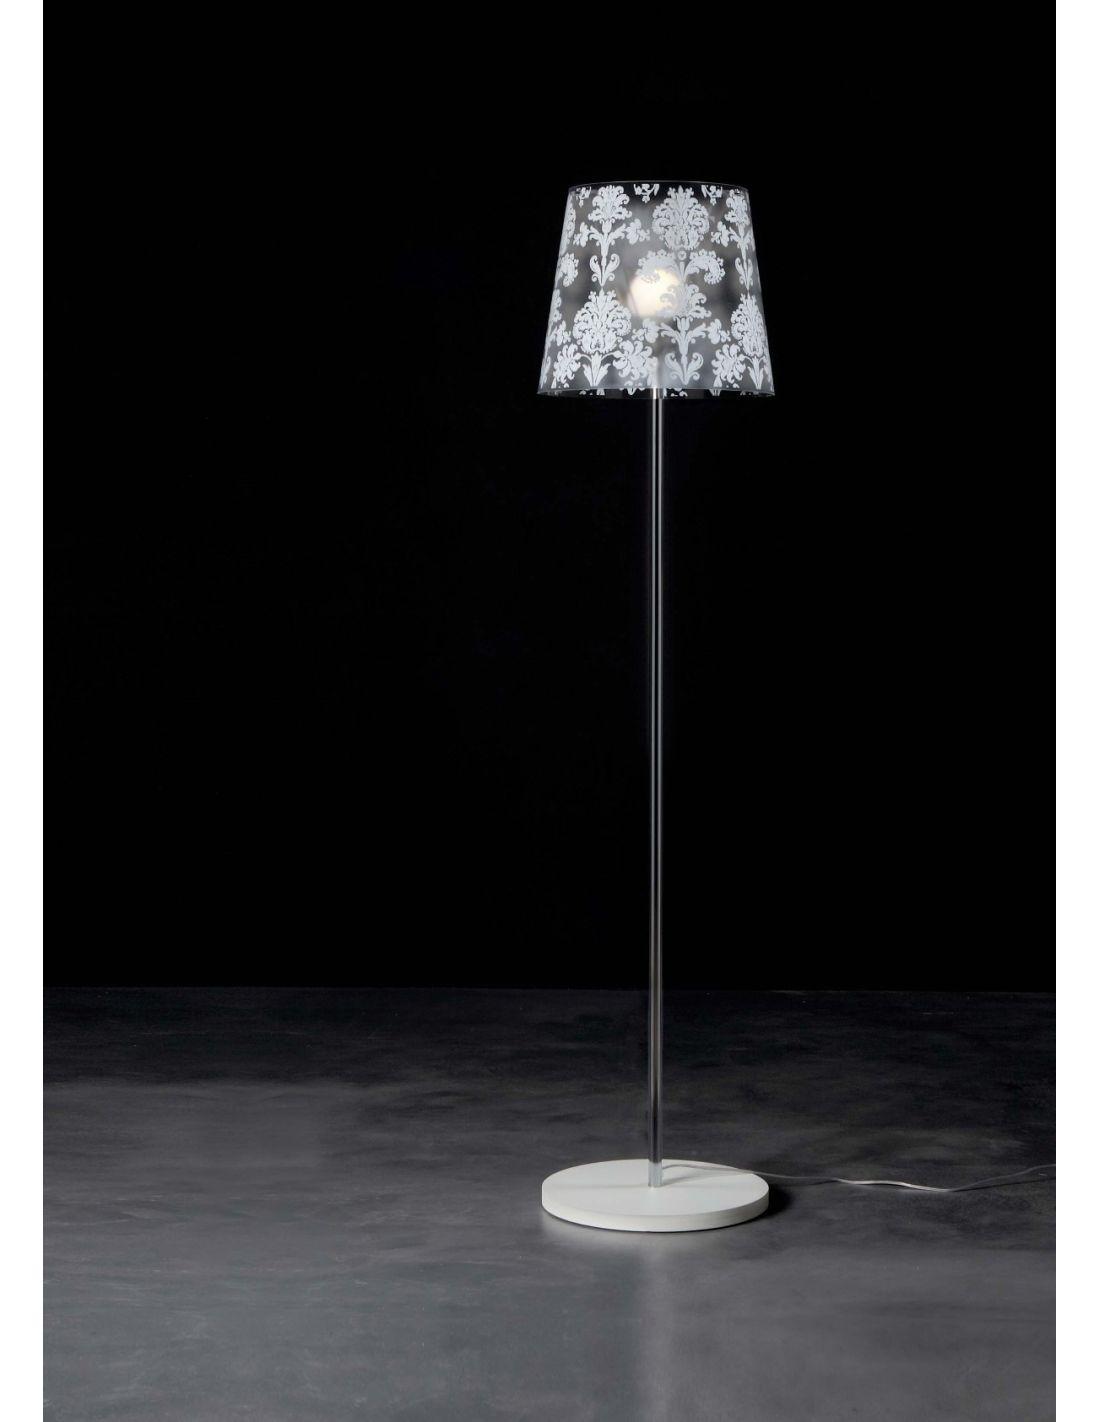 Excellent lampade moderne piantane da terra per interni - Lampade a sospensione moderne design ...